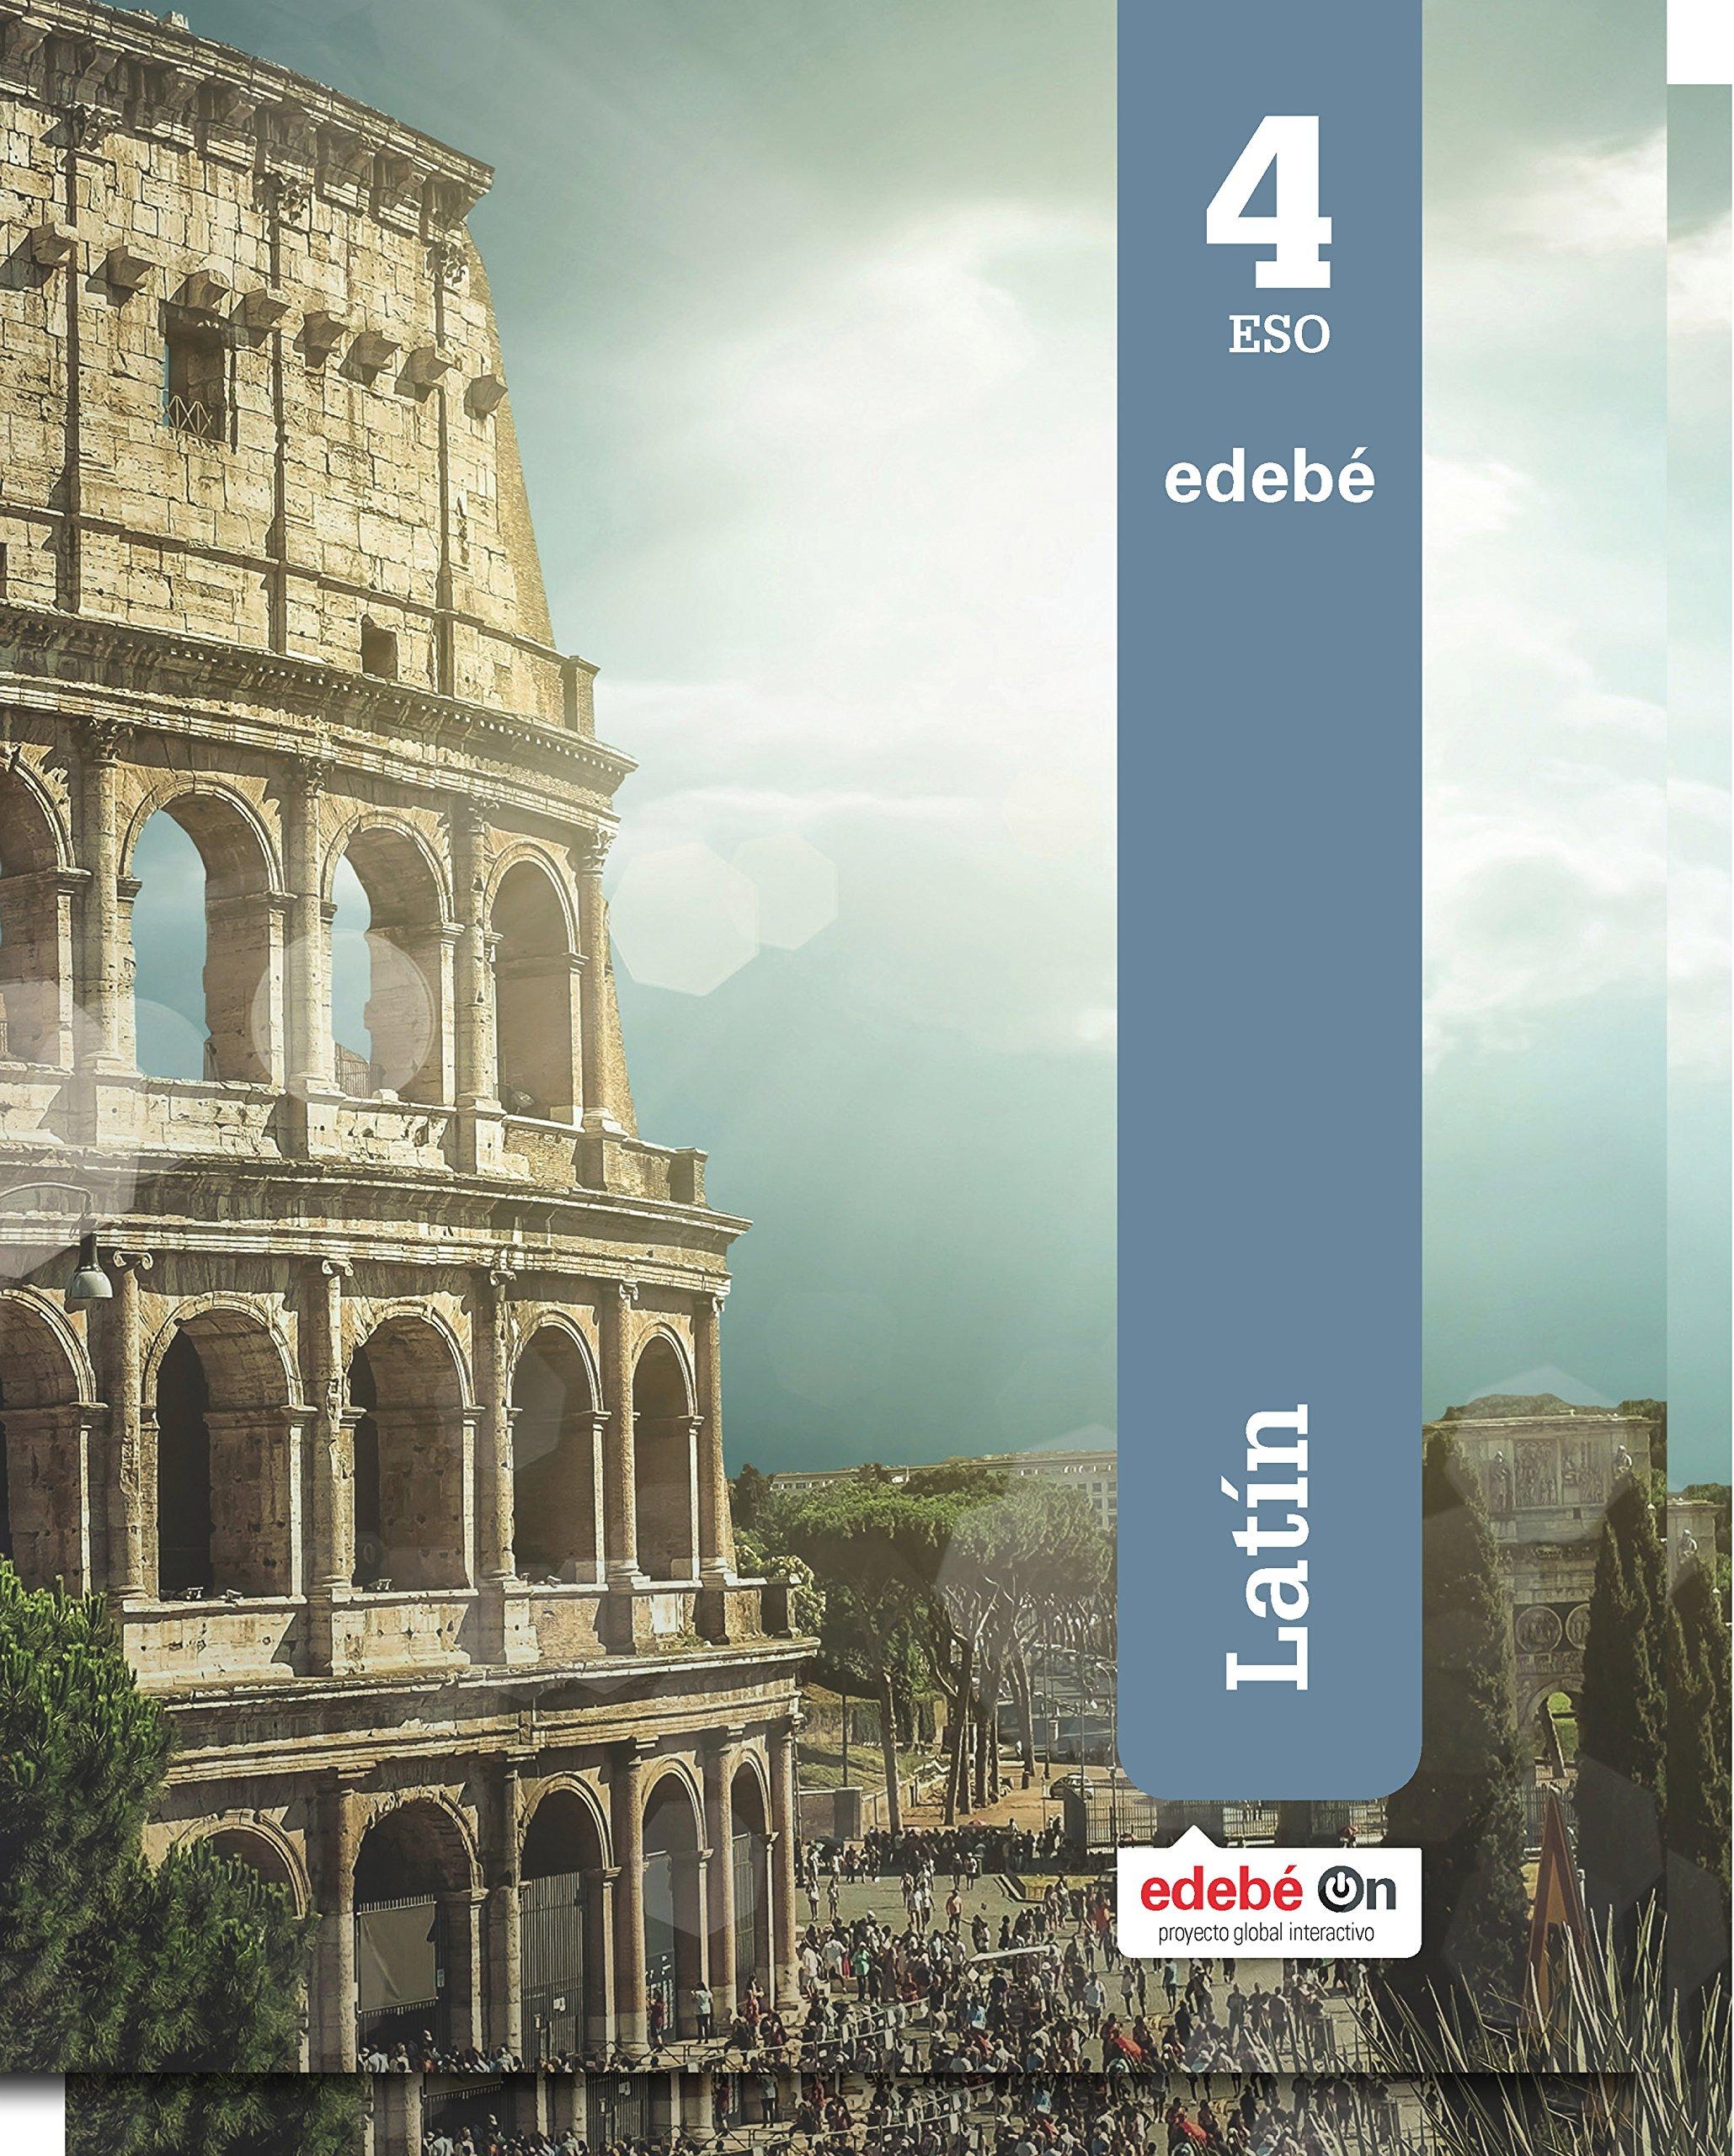 LATÍN 4 - 9788468316536: Amazon.es: Edebé, Obra Colectiva: Libros